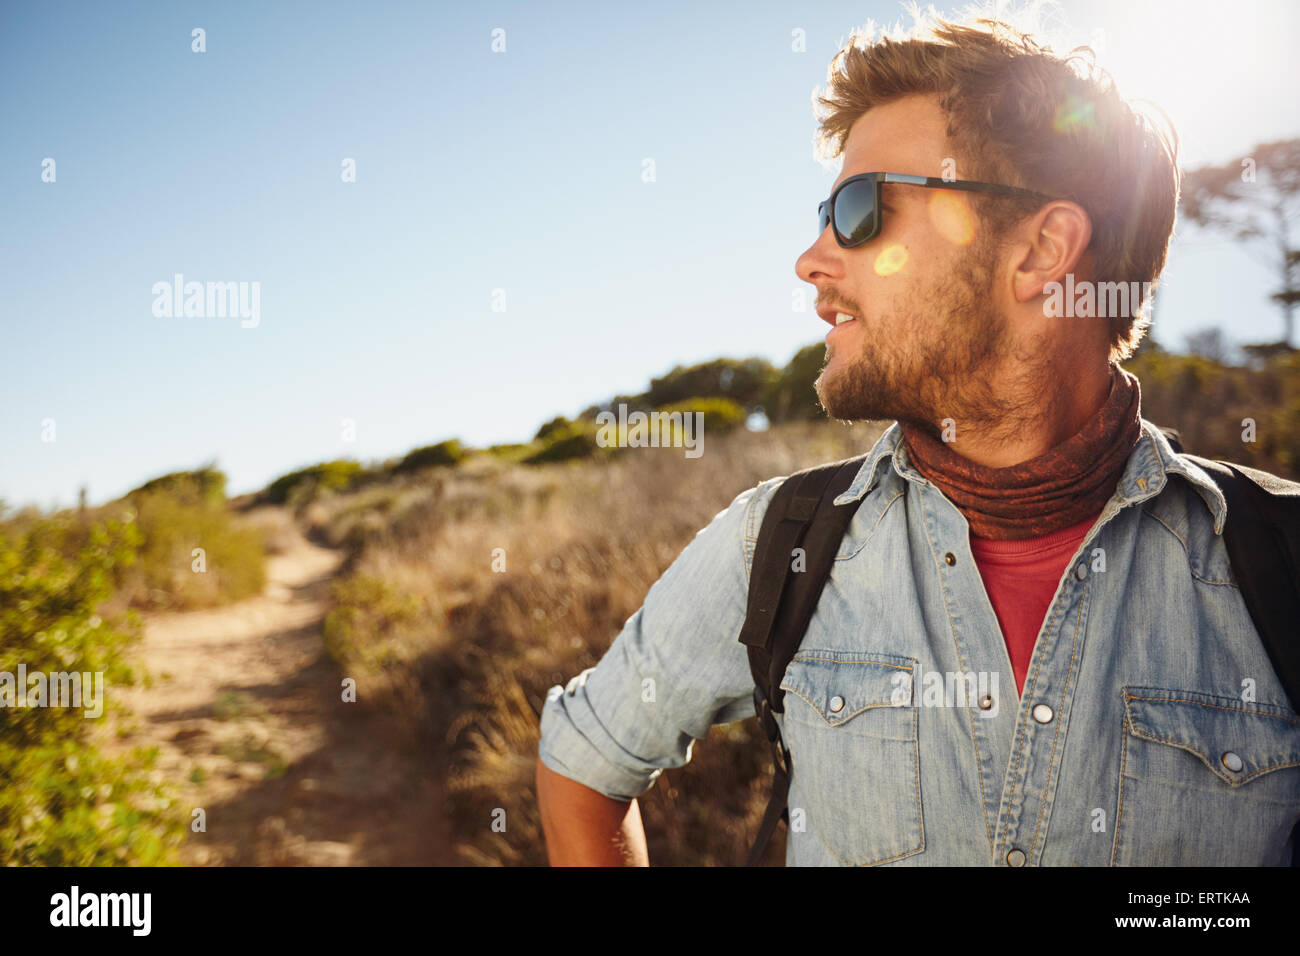 Colpo all'aperto del giovane uomo escursioni nella natura alla ricerca di distanza a una vista. Uomo caucasico Immagini Stock